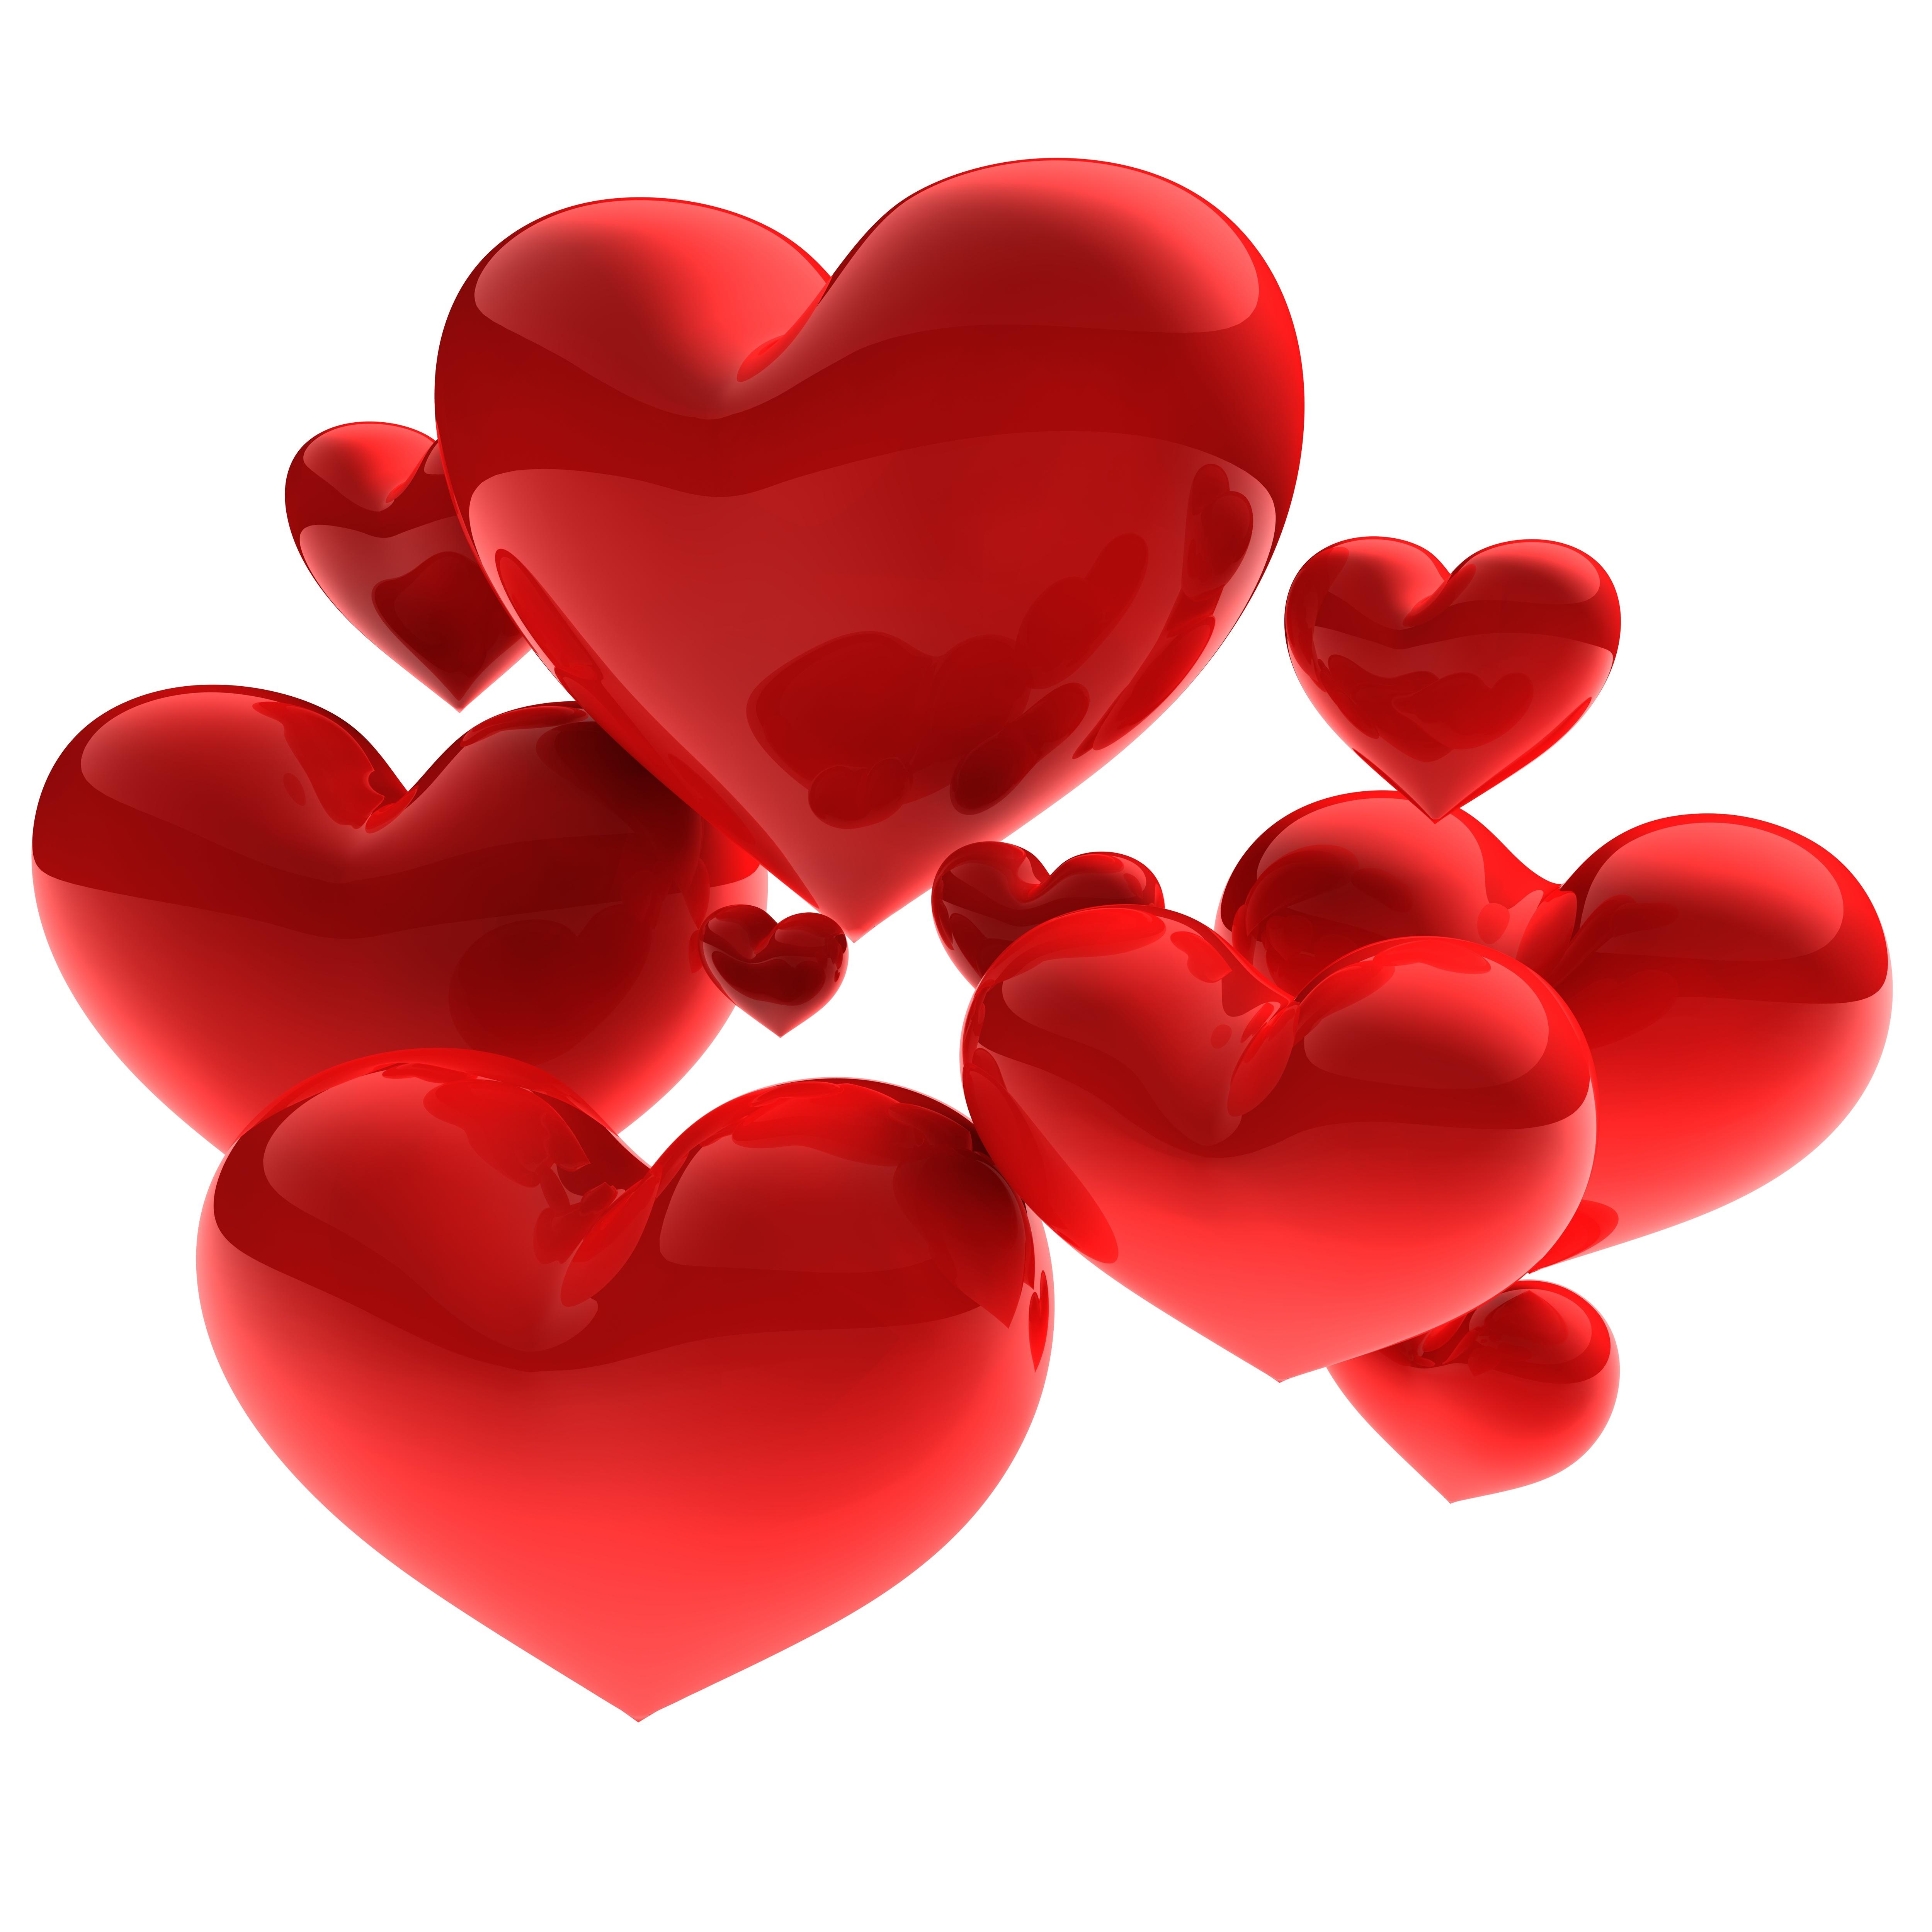 Tag st valentin - Les amoureux de la cuisine ...